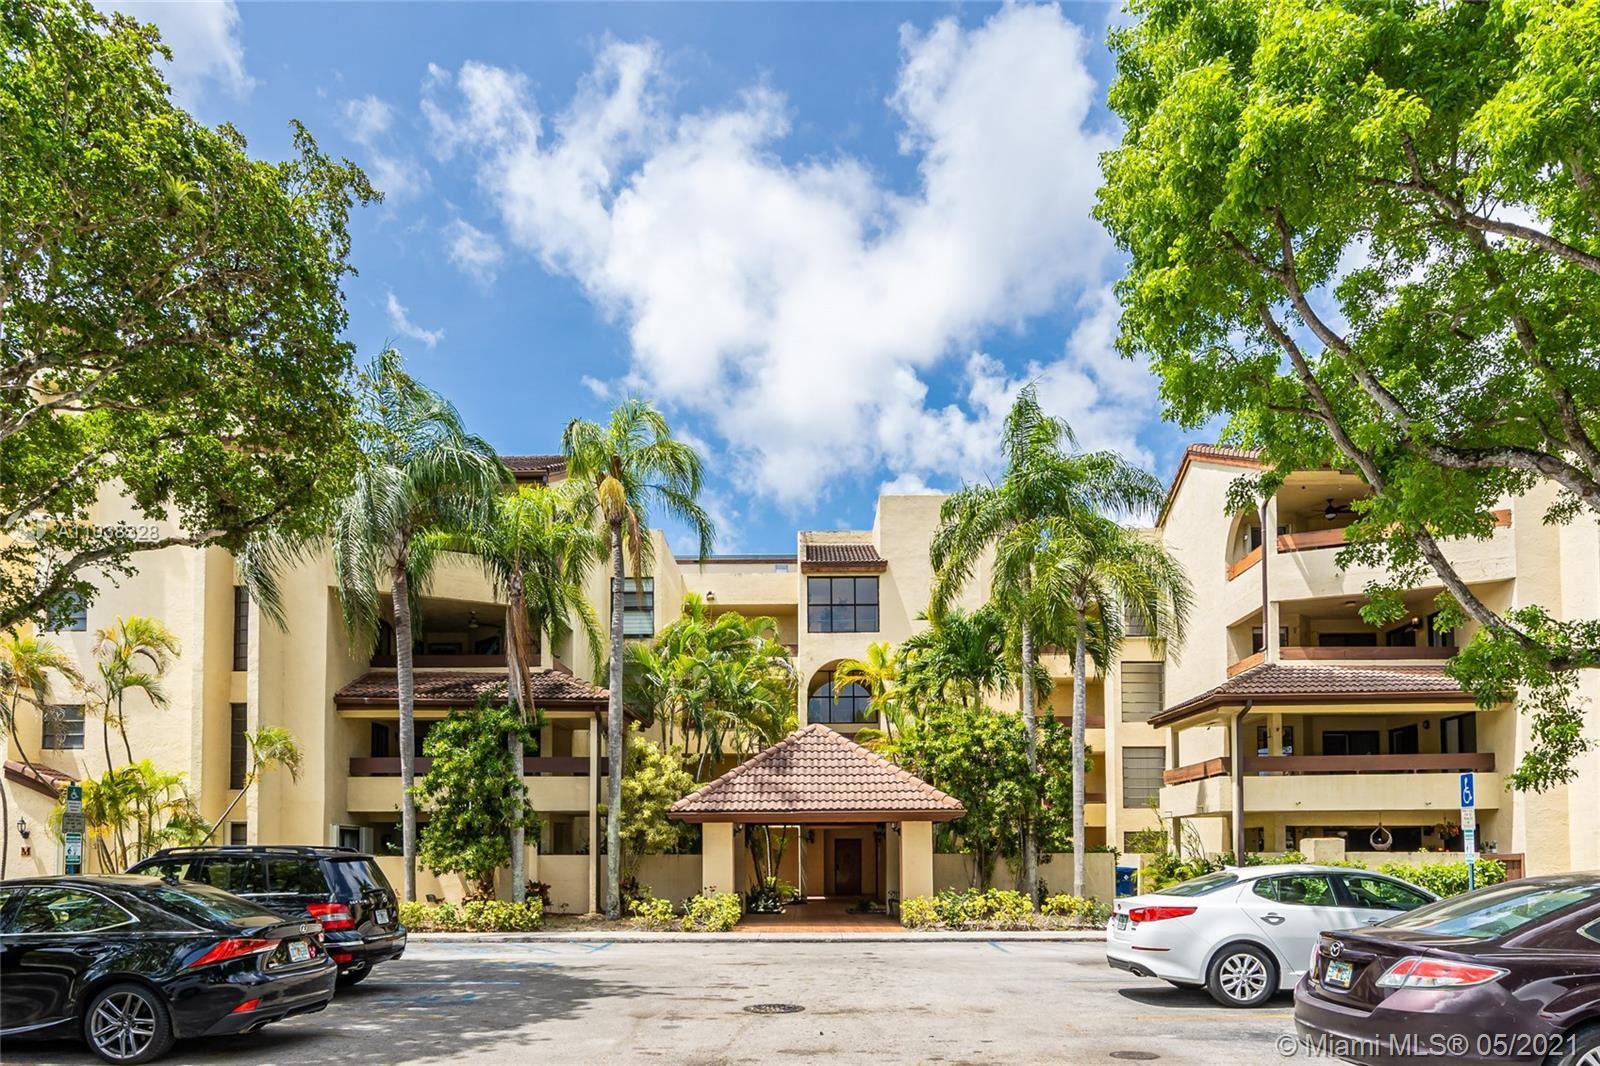 8810 SW 123rd Ct #M307, Miami, FL 33186 - #: A11038328